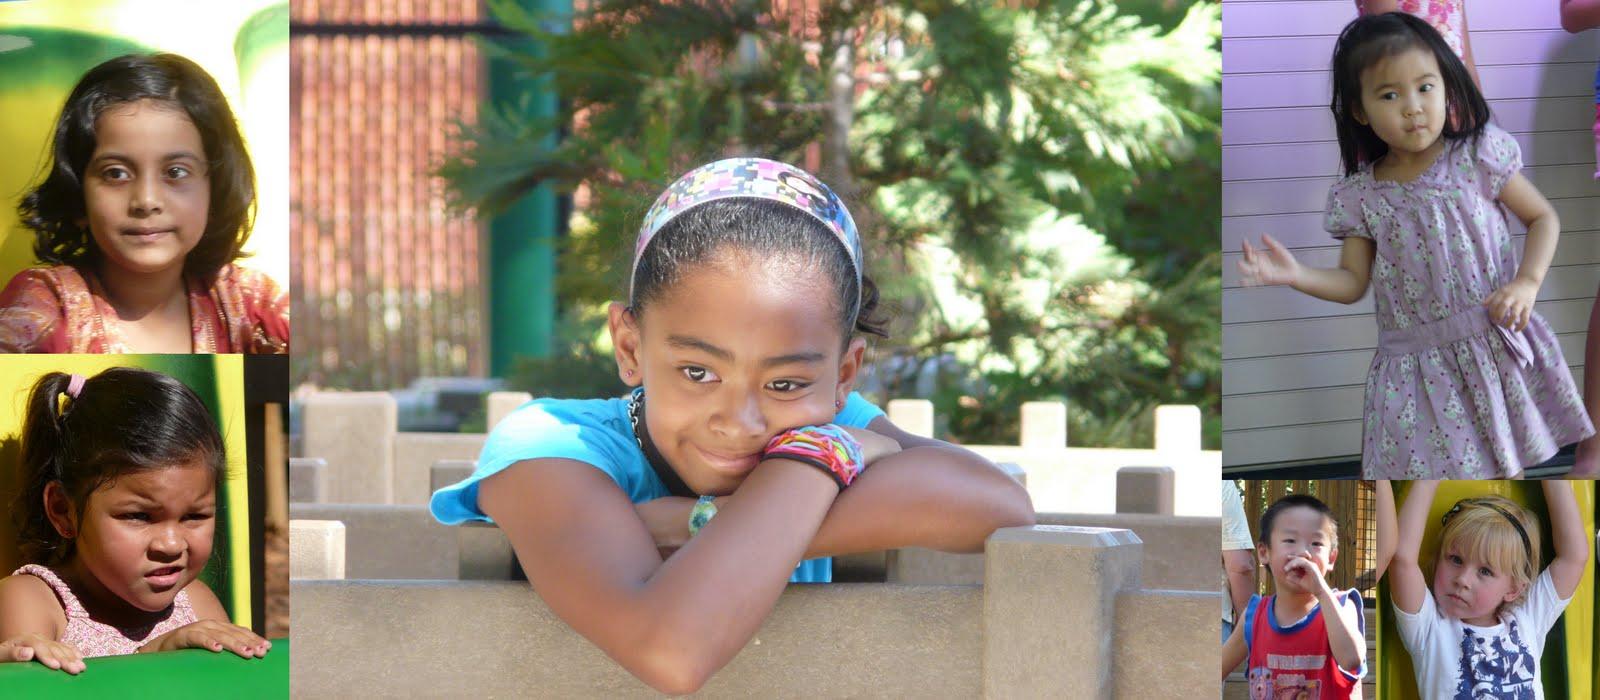 Я снимала детей 5 минут в парке Сан Хосе